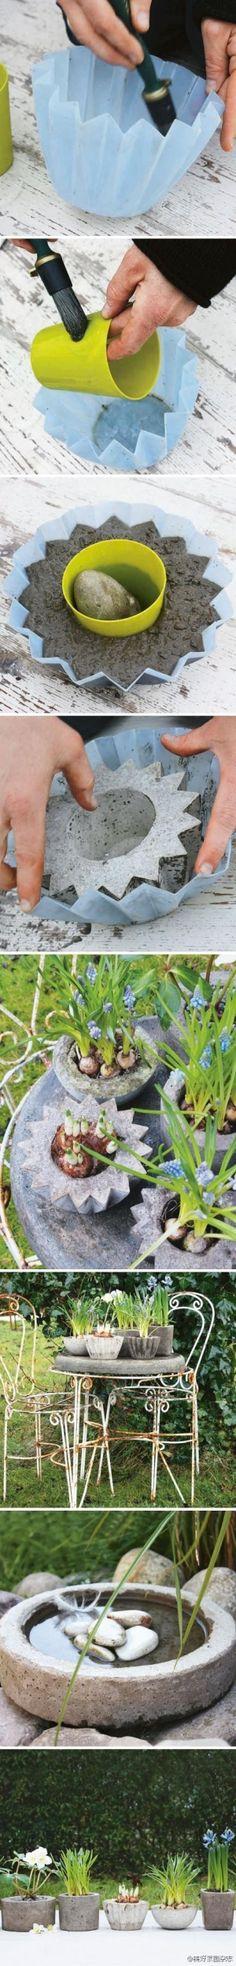 concrete pots. Great idea!